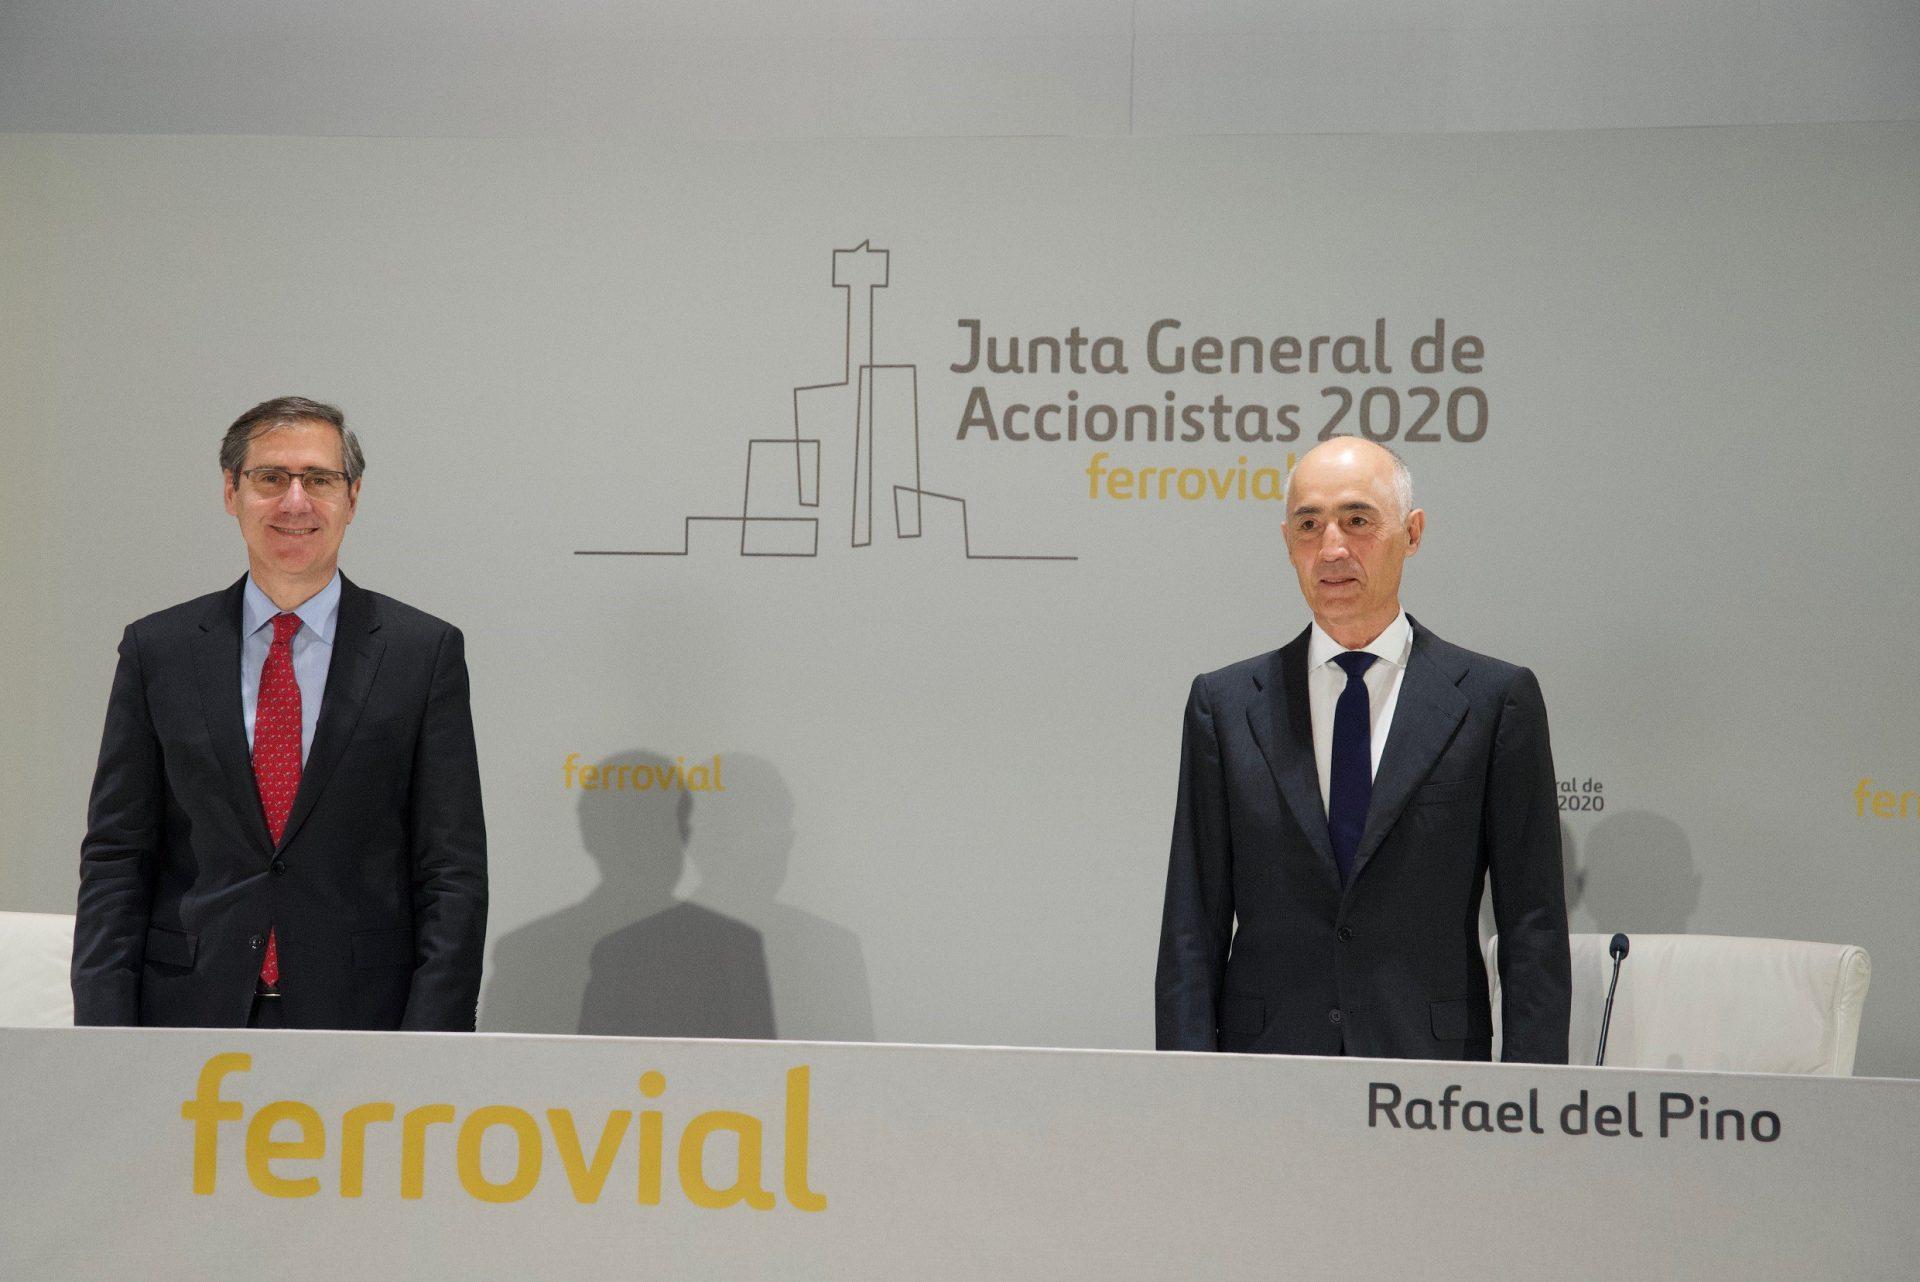 Rafael del Pino e Ignacio Madridejos Junta General 2020